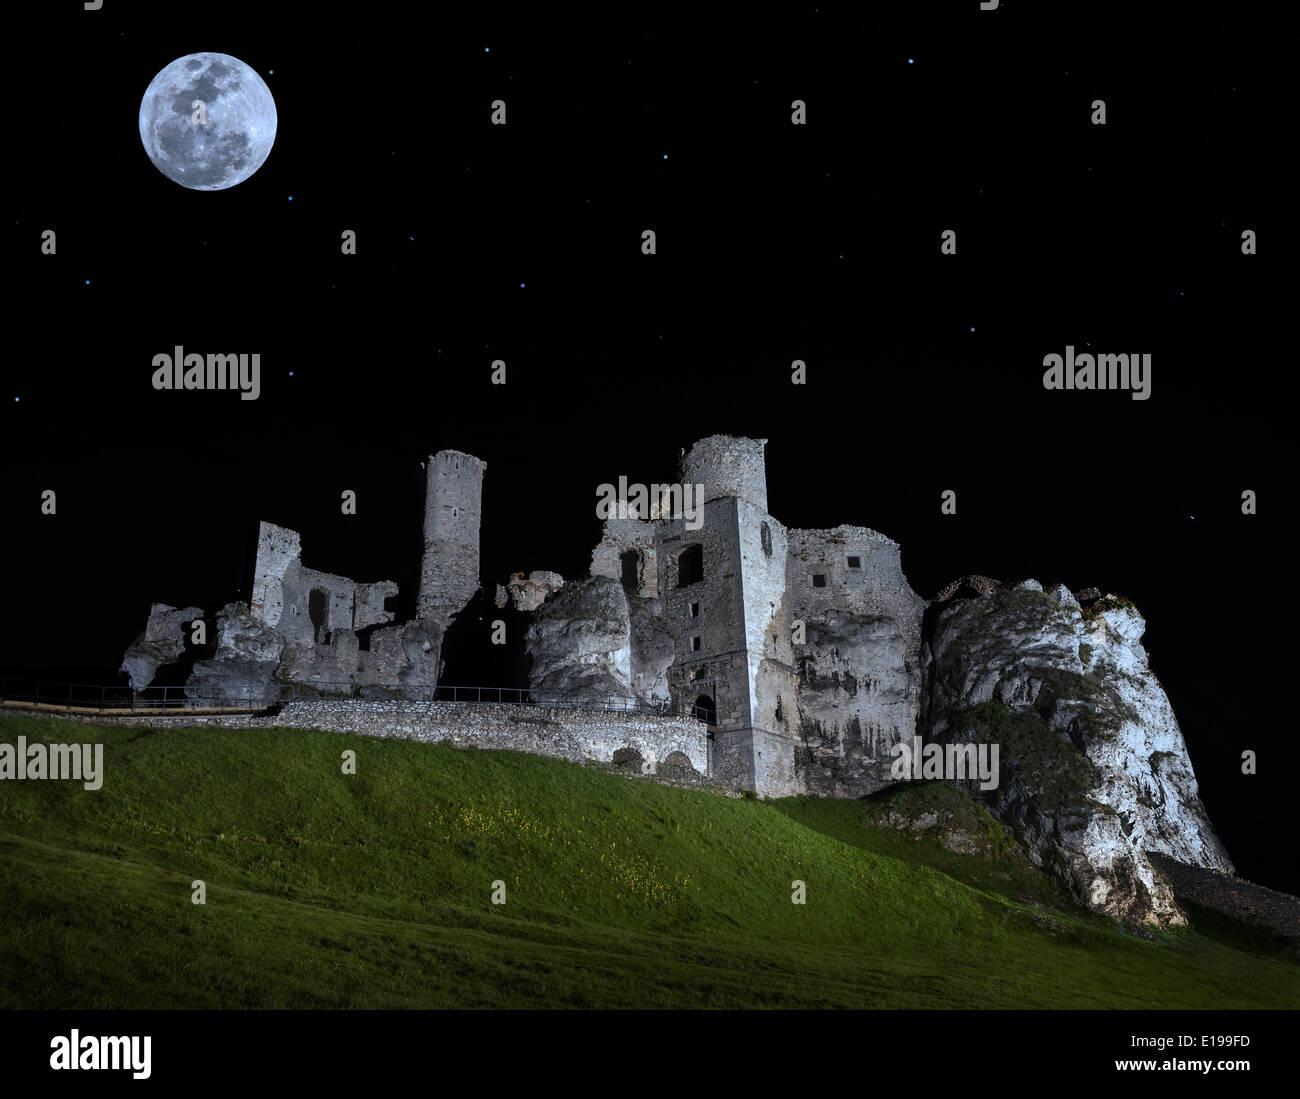 Pleine lune au-dessus de ruines du château d'Ogrodzieniec,, en Pologne. Photo Stock